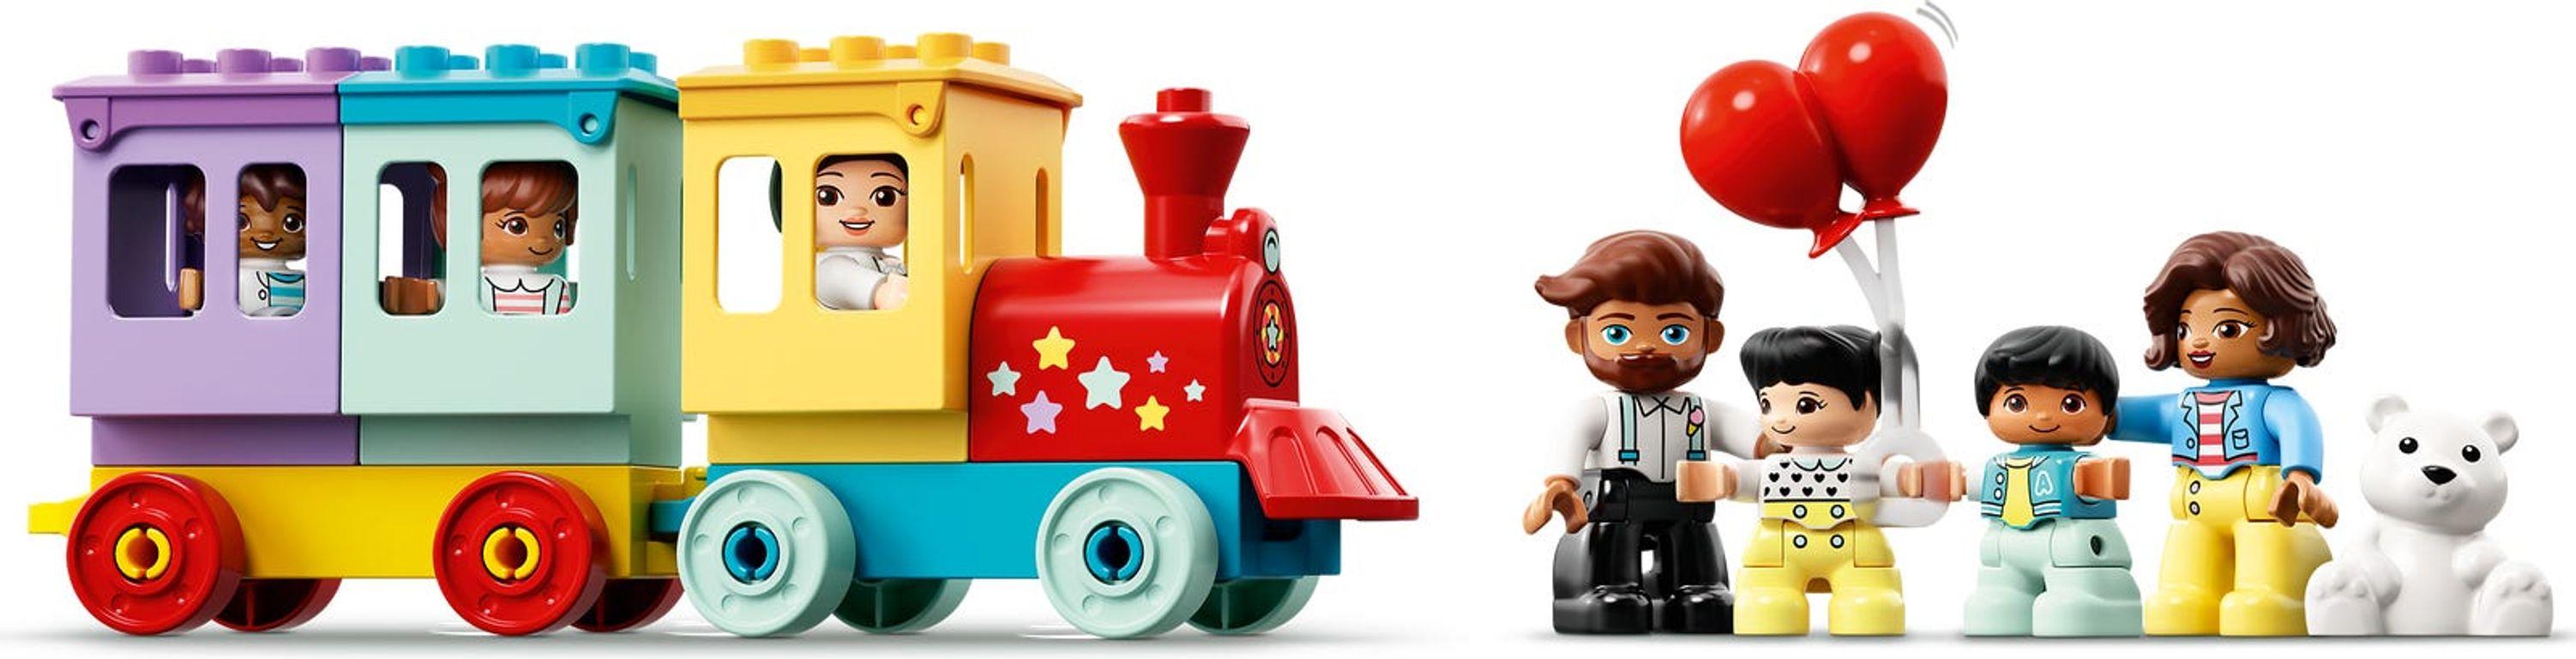 LEGO® DUPLO® Amusement Park components